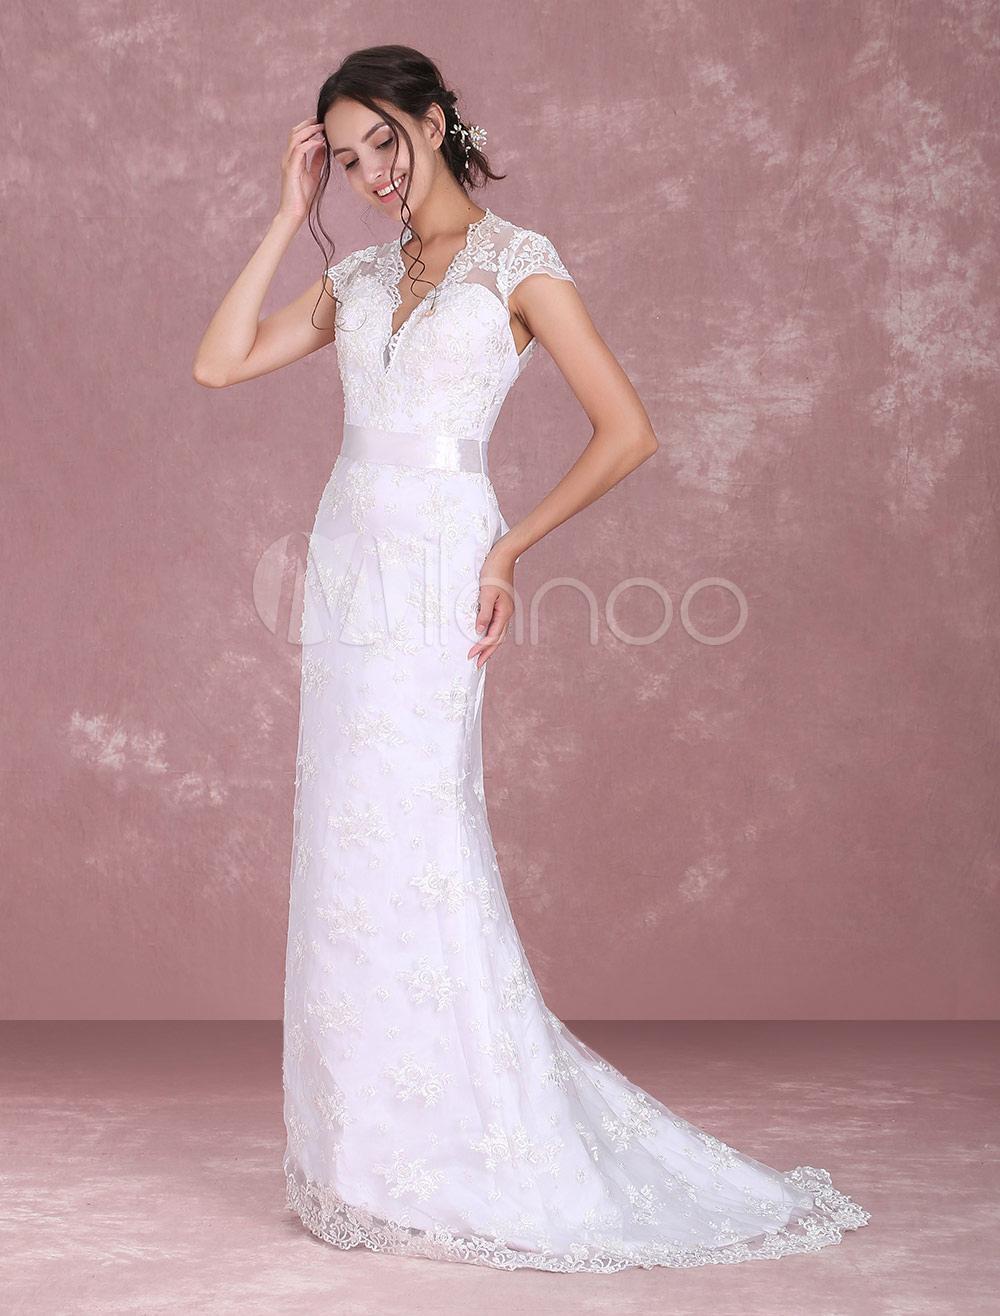 White Bridal Wedding Backless Lace Up Sash Lace Dress